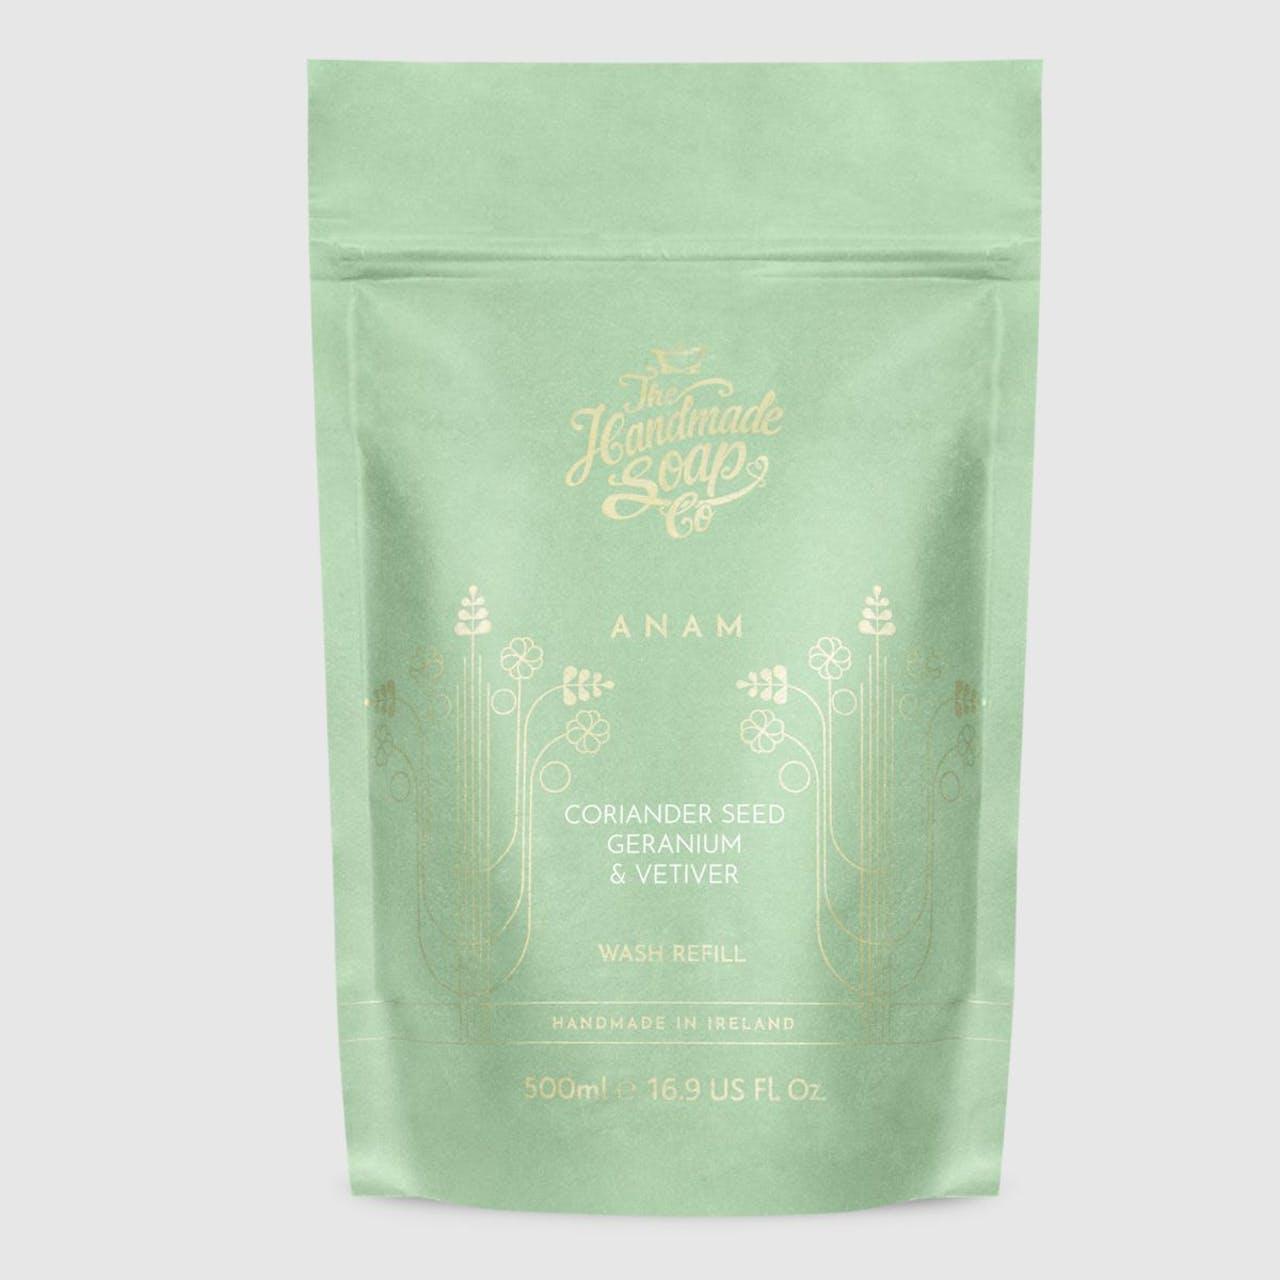 Handmade Soap Company ANAM Lotion Refill